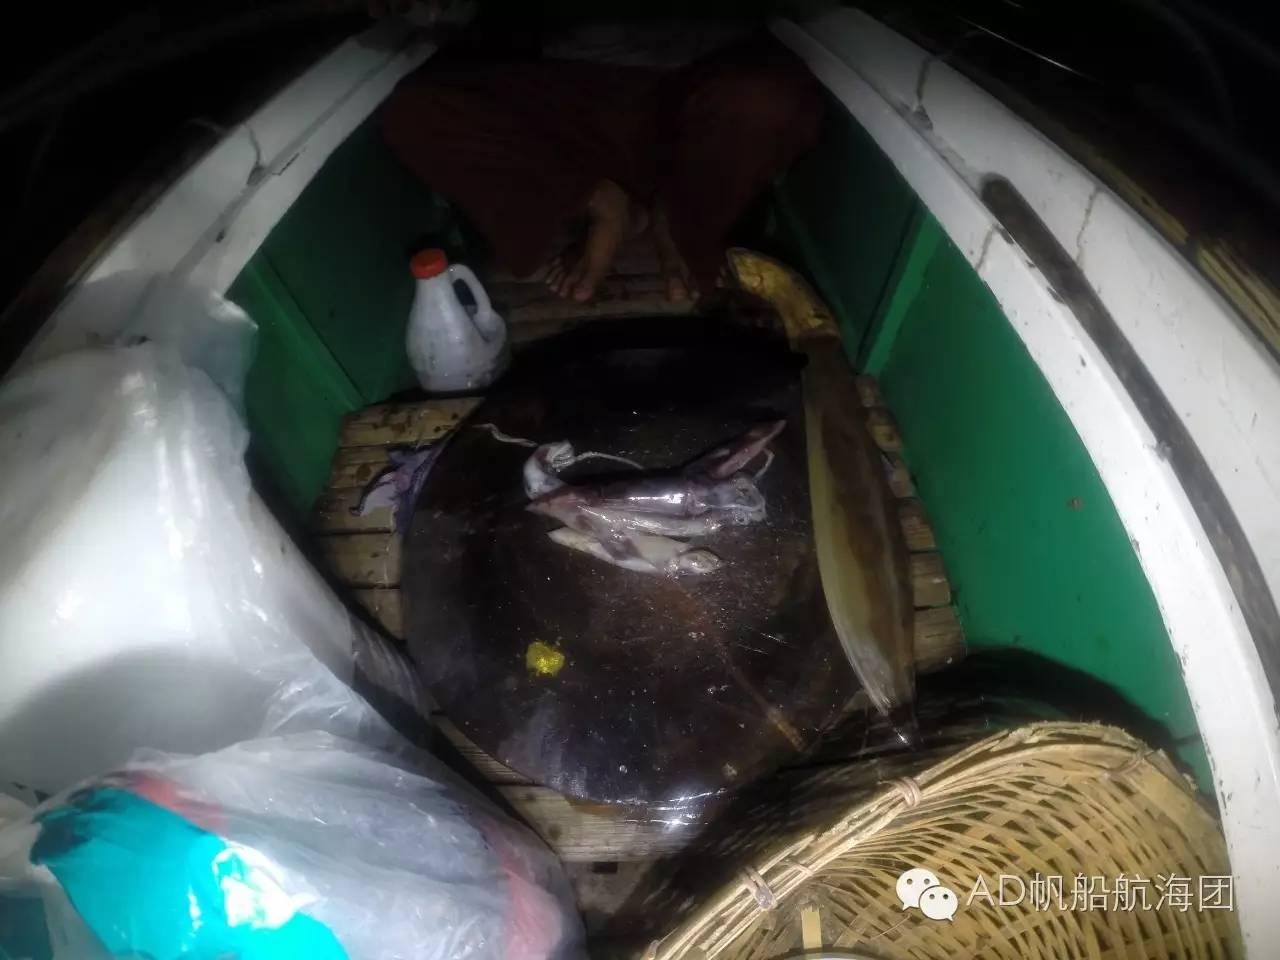 帆船游记二十三:甘米银岛夜捕金枪鱼 73b3c9512a0d6aadbda4d4ba7377c6b3.jpg